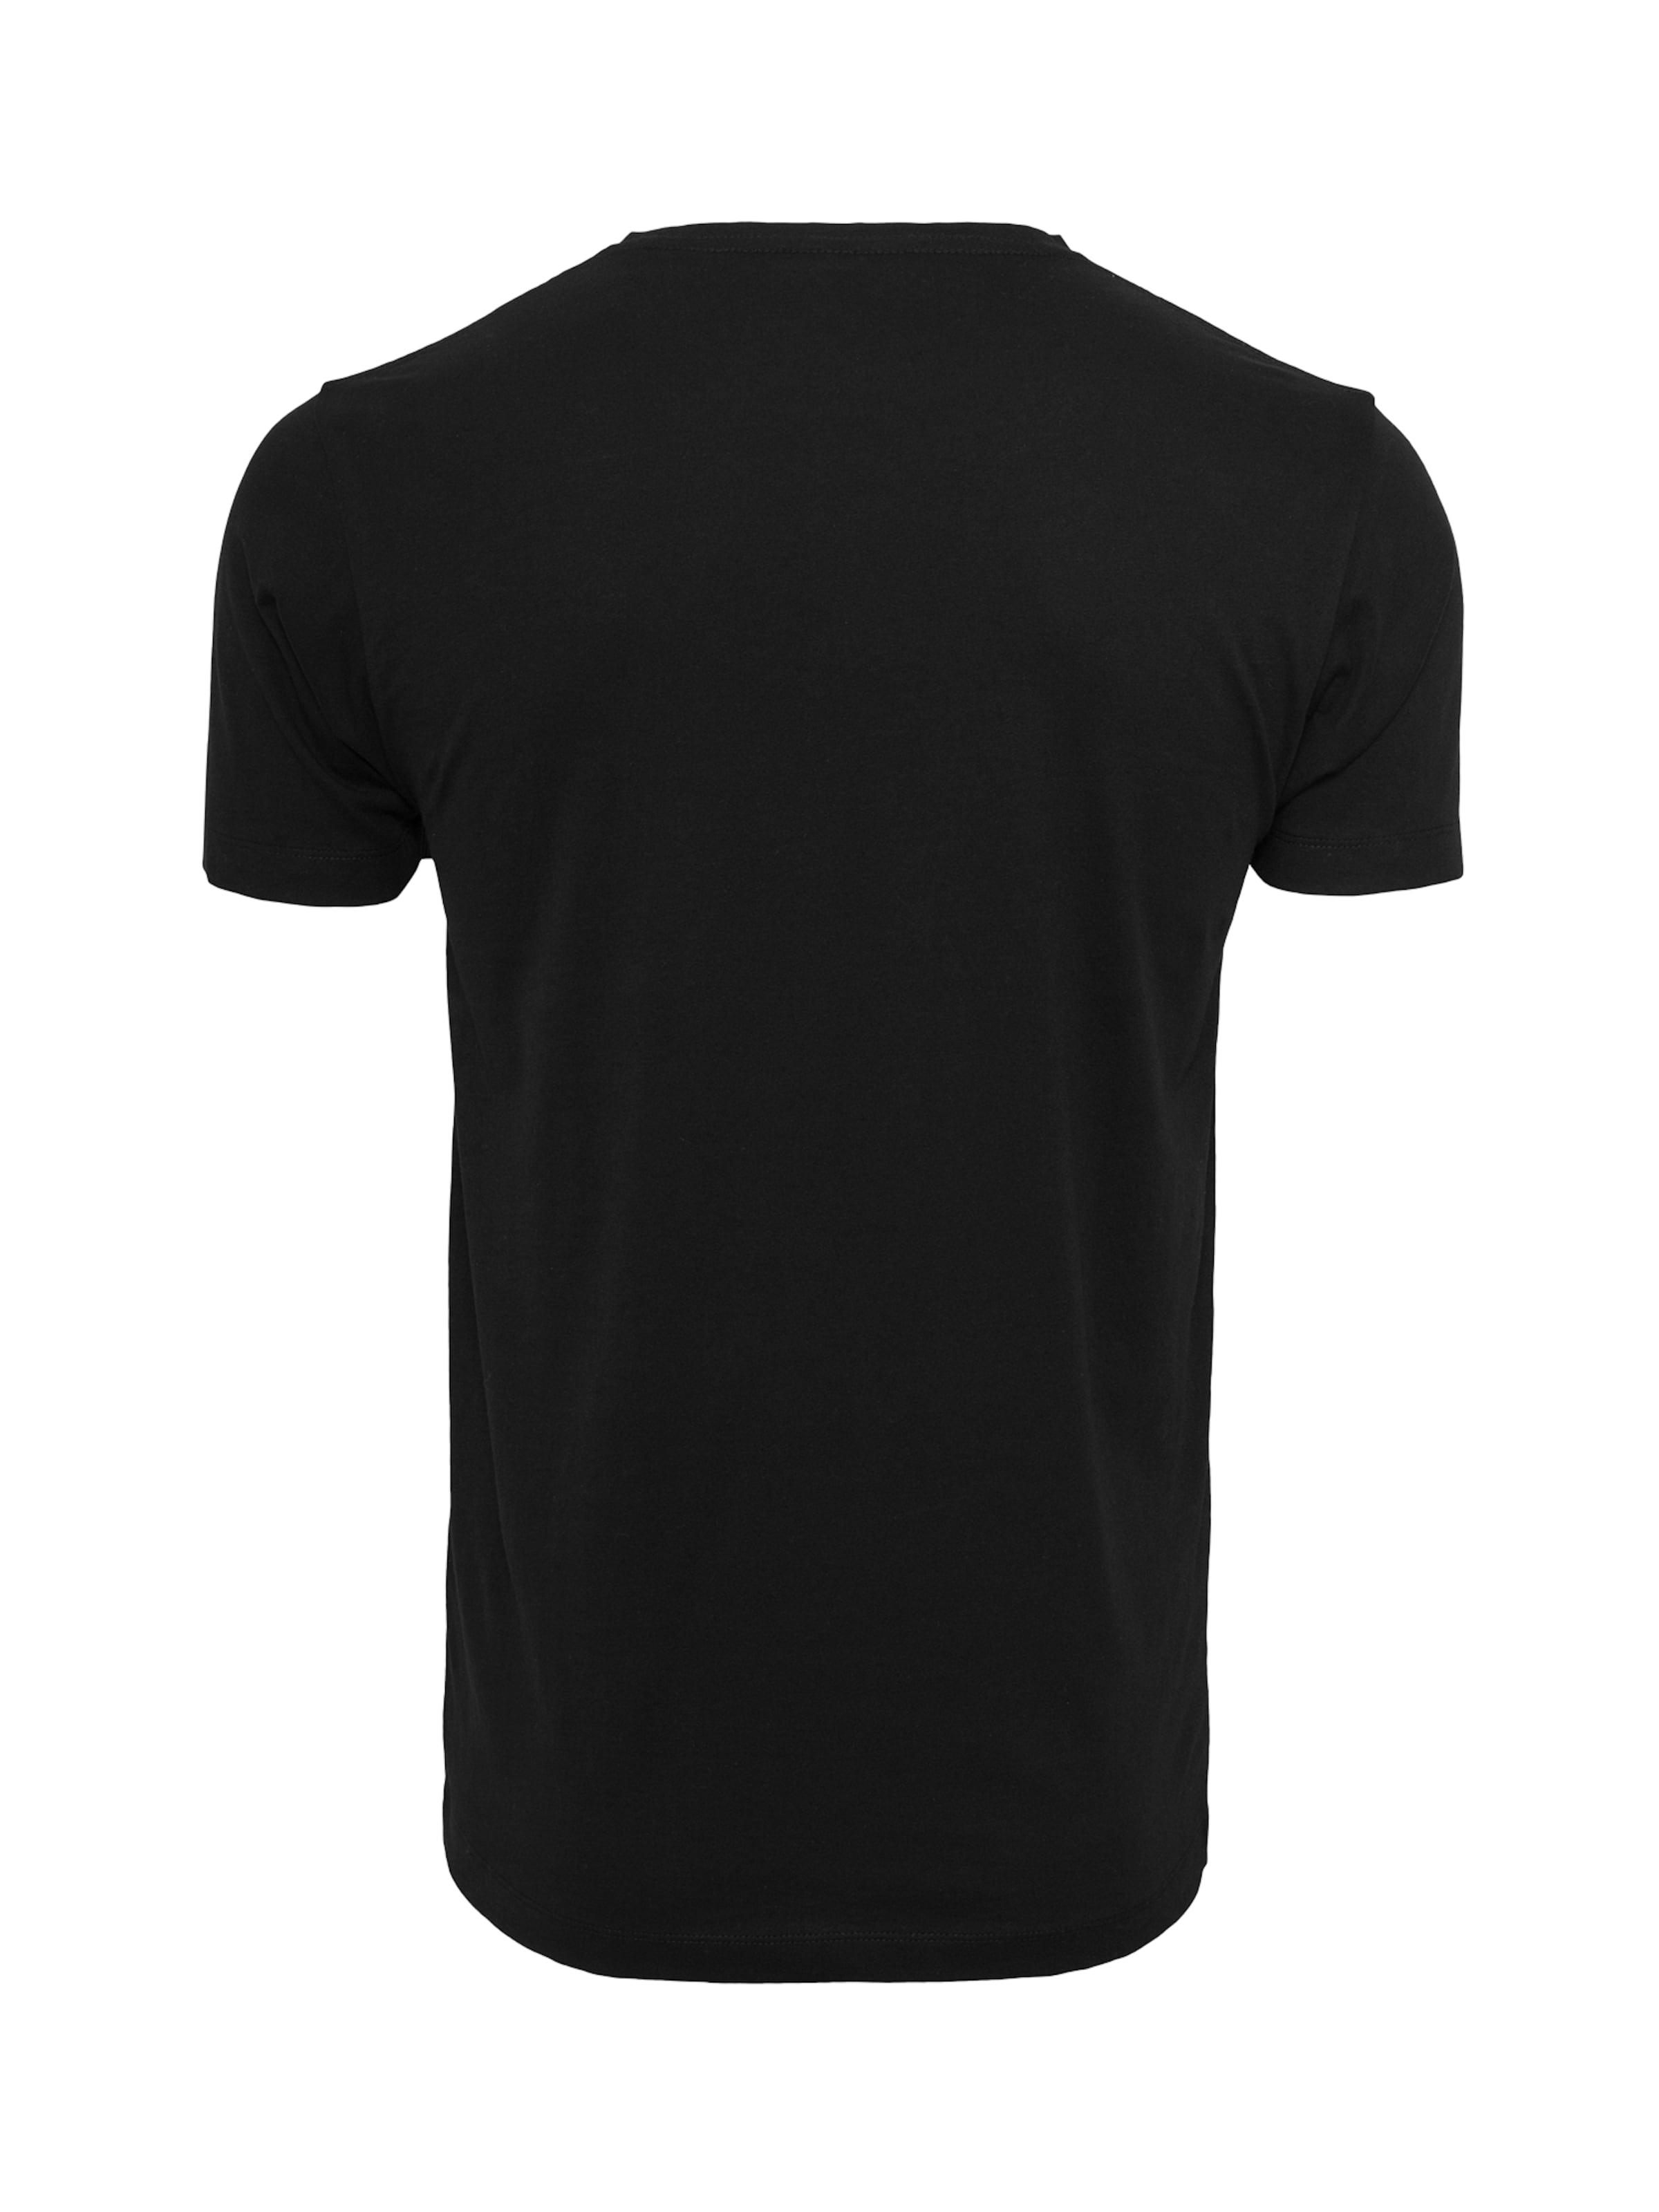 Tee' Merchcode F word Noir 'ladies T shirt En 1cTKlFJ